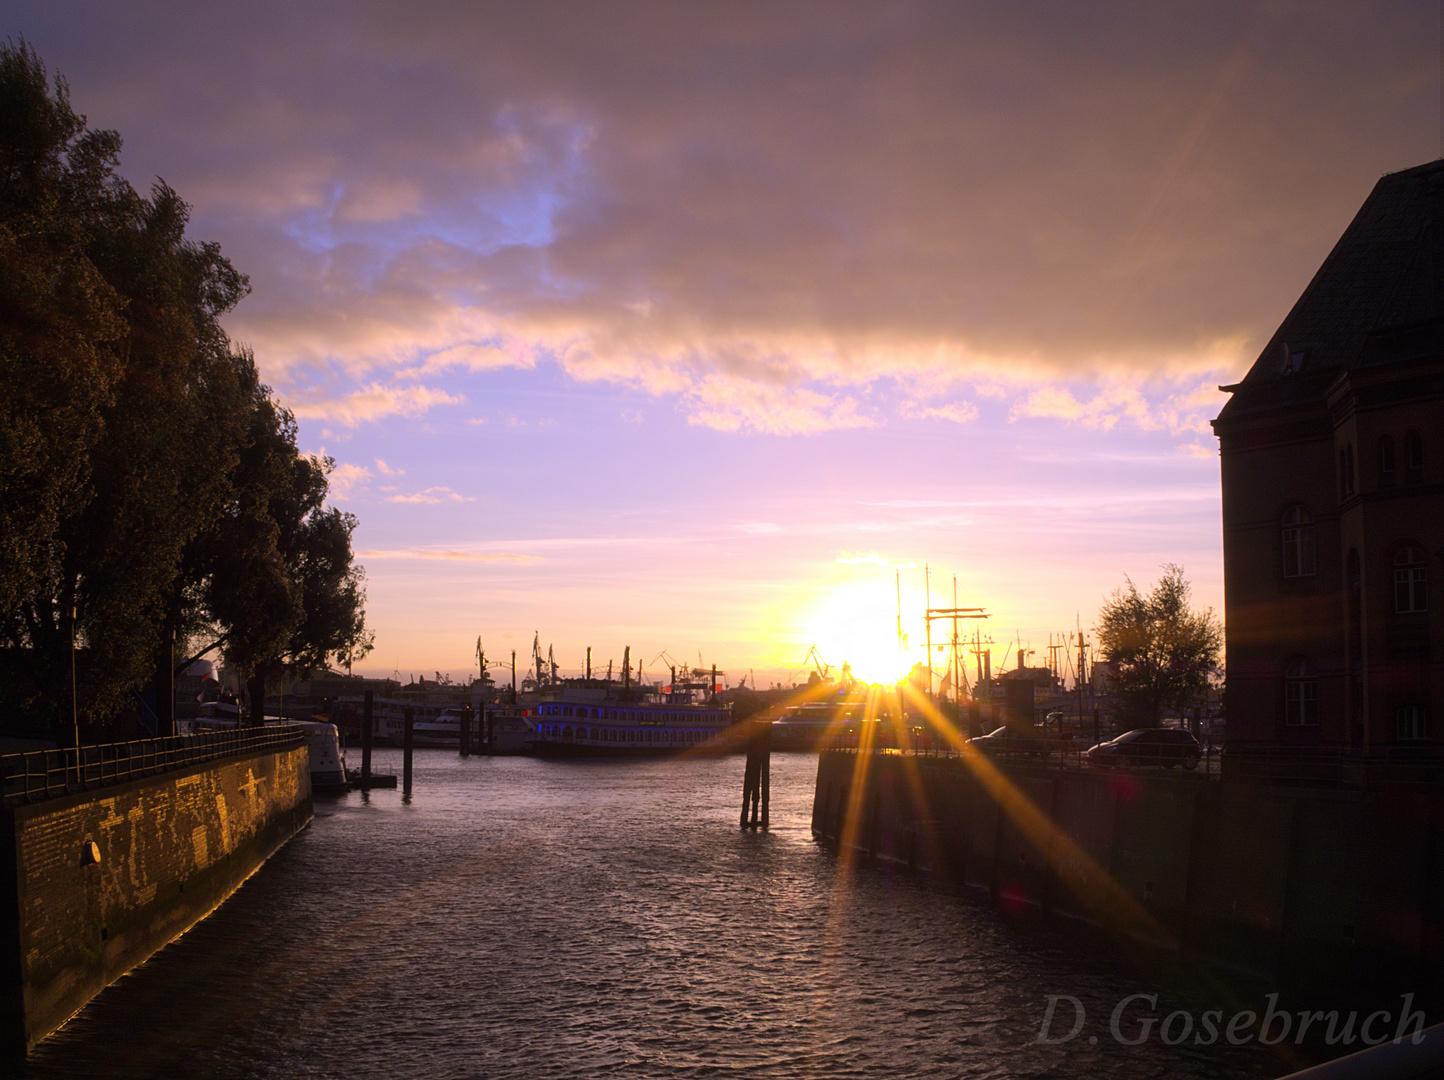 Der Sonnenuntergang in Hamburgs Speicherstadt